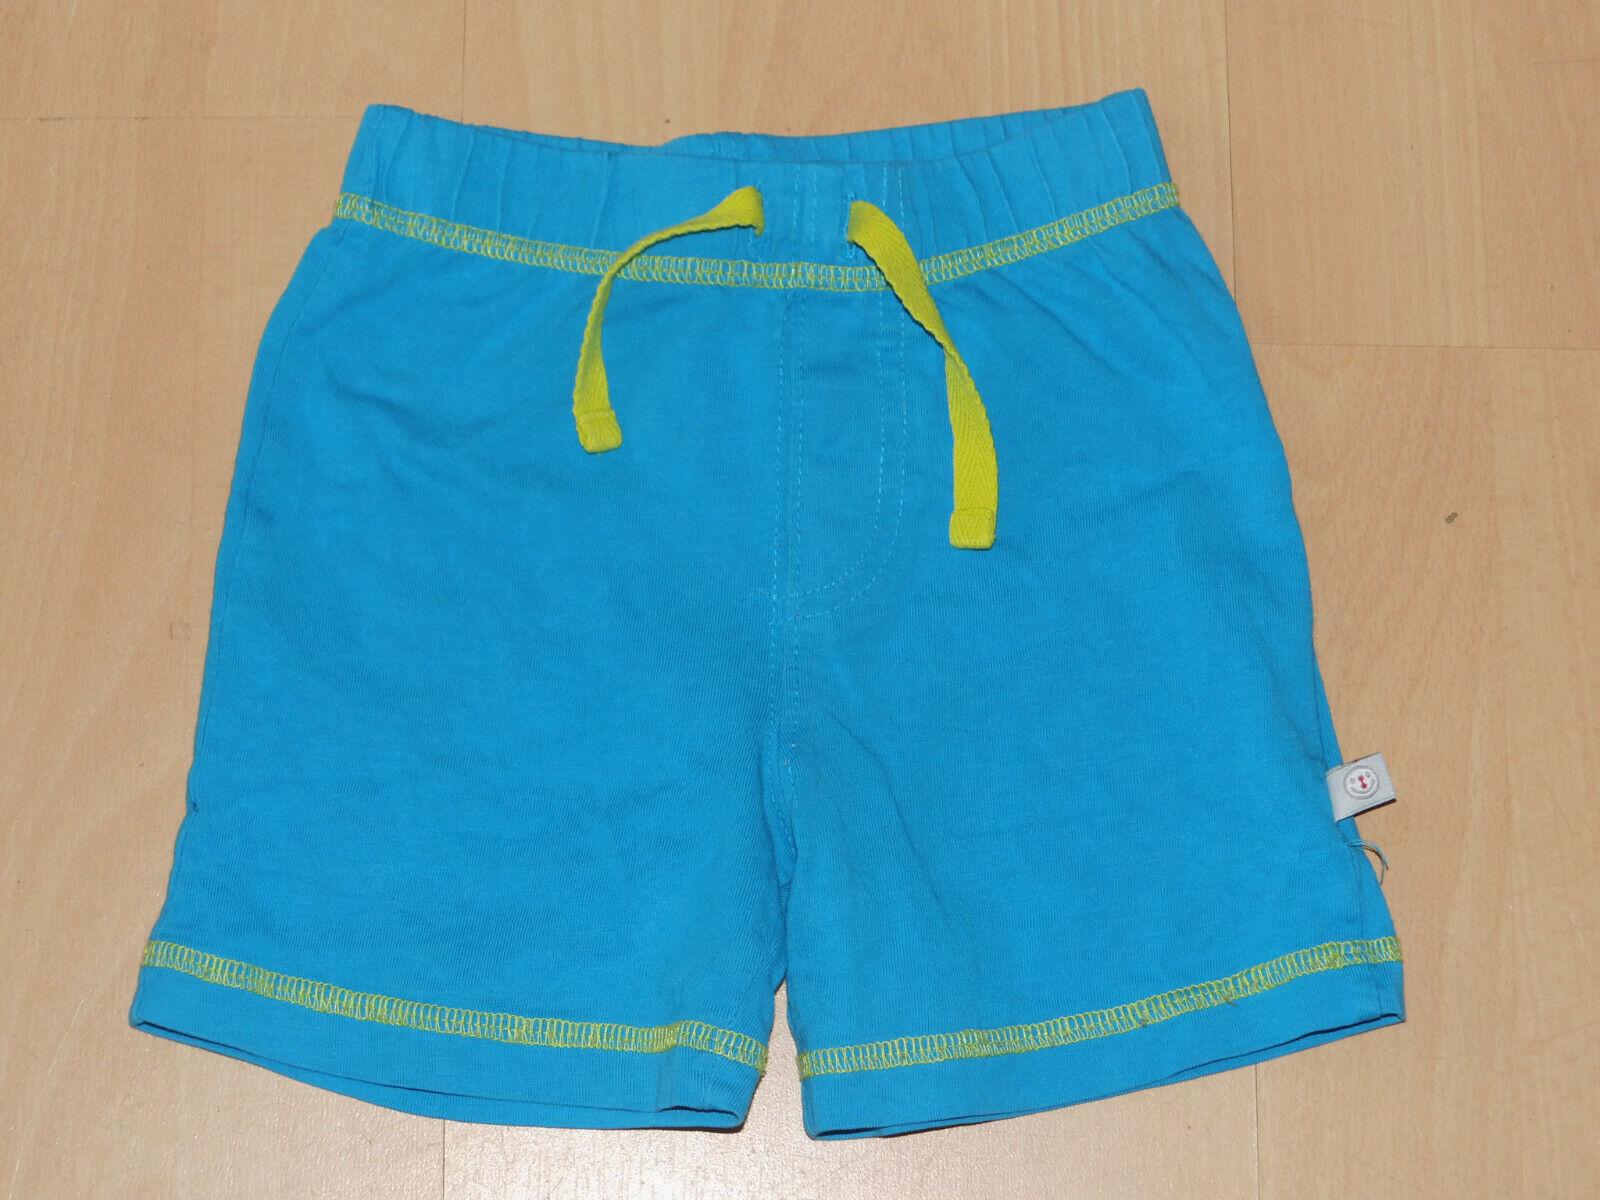 Kleinkind kurze Hose Shorts Turnhose blau Gr. 74 Jungen